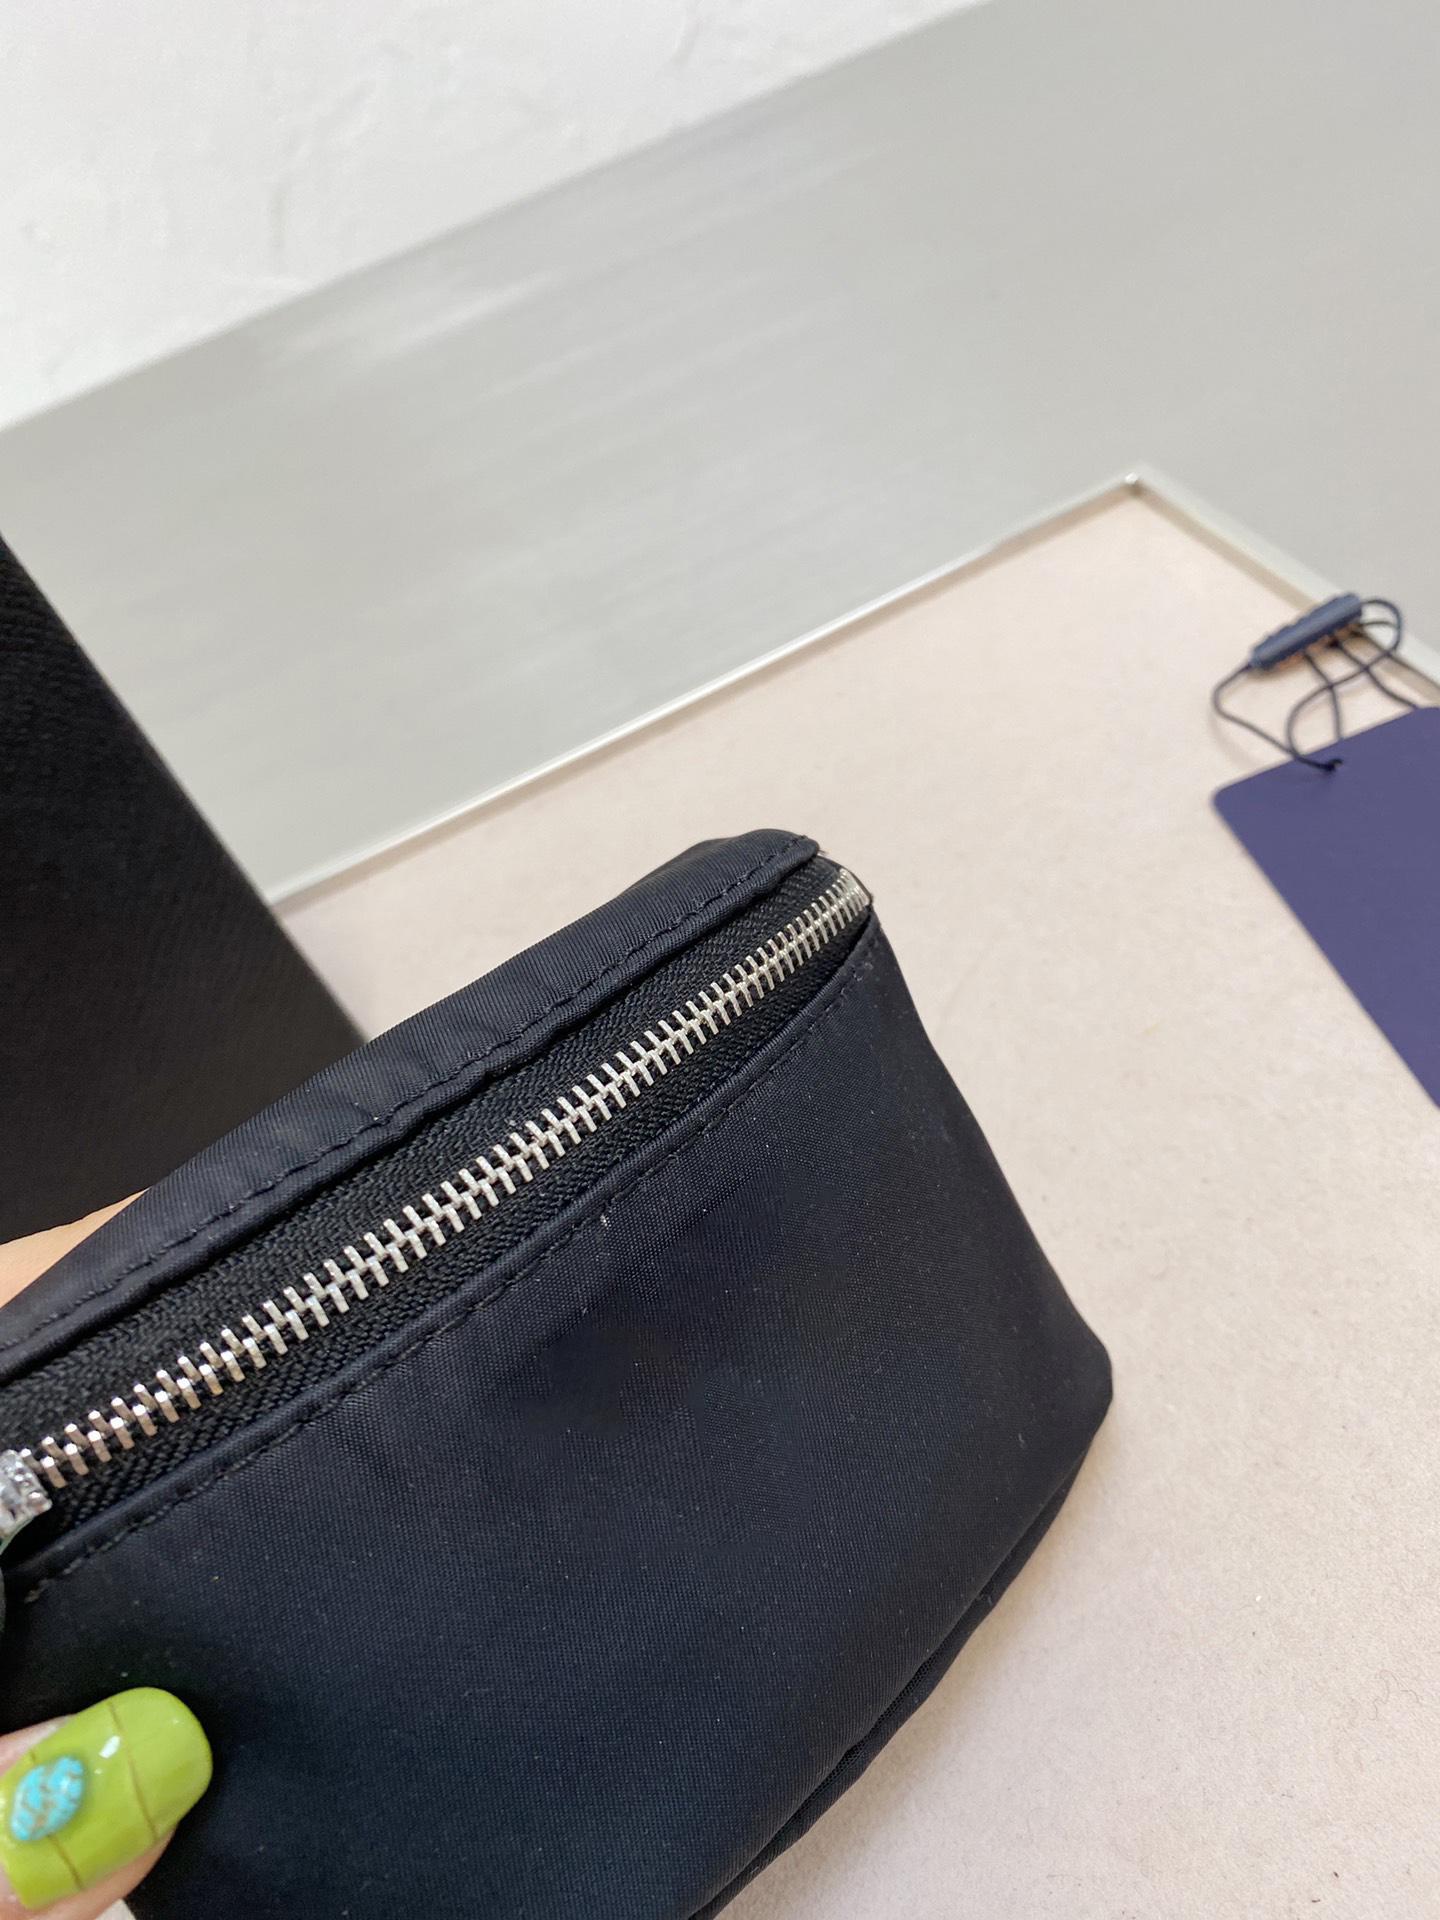 디자이너 가방 소매 가방 Unisex Purse Luxurys Manufuctional Bags Wallet 2021 Hottes 인기있는 고품질 빠른 배송 판매